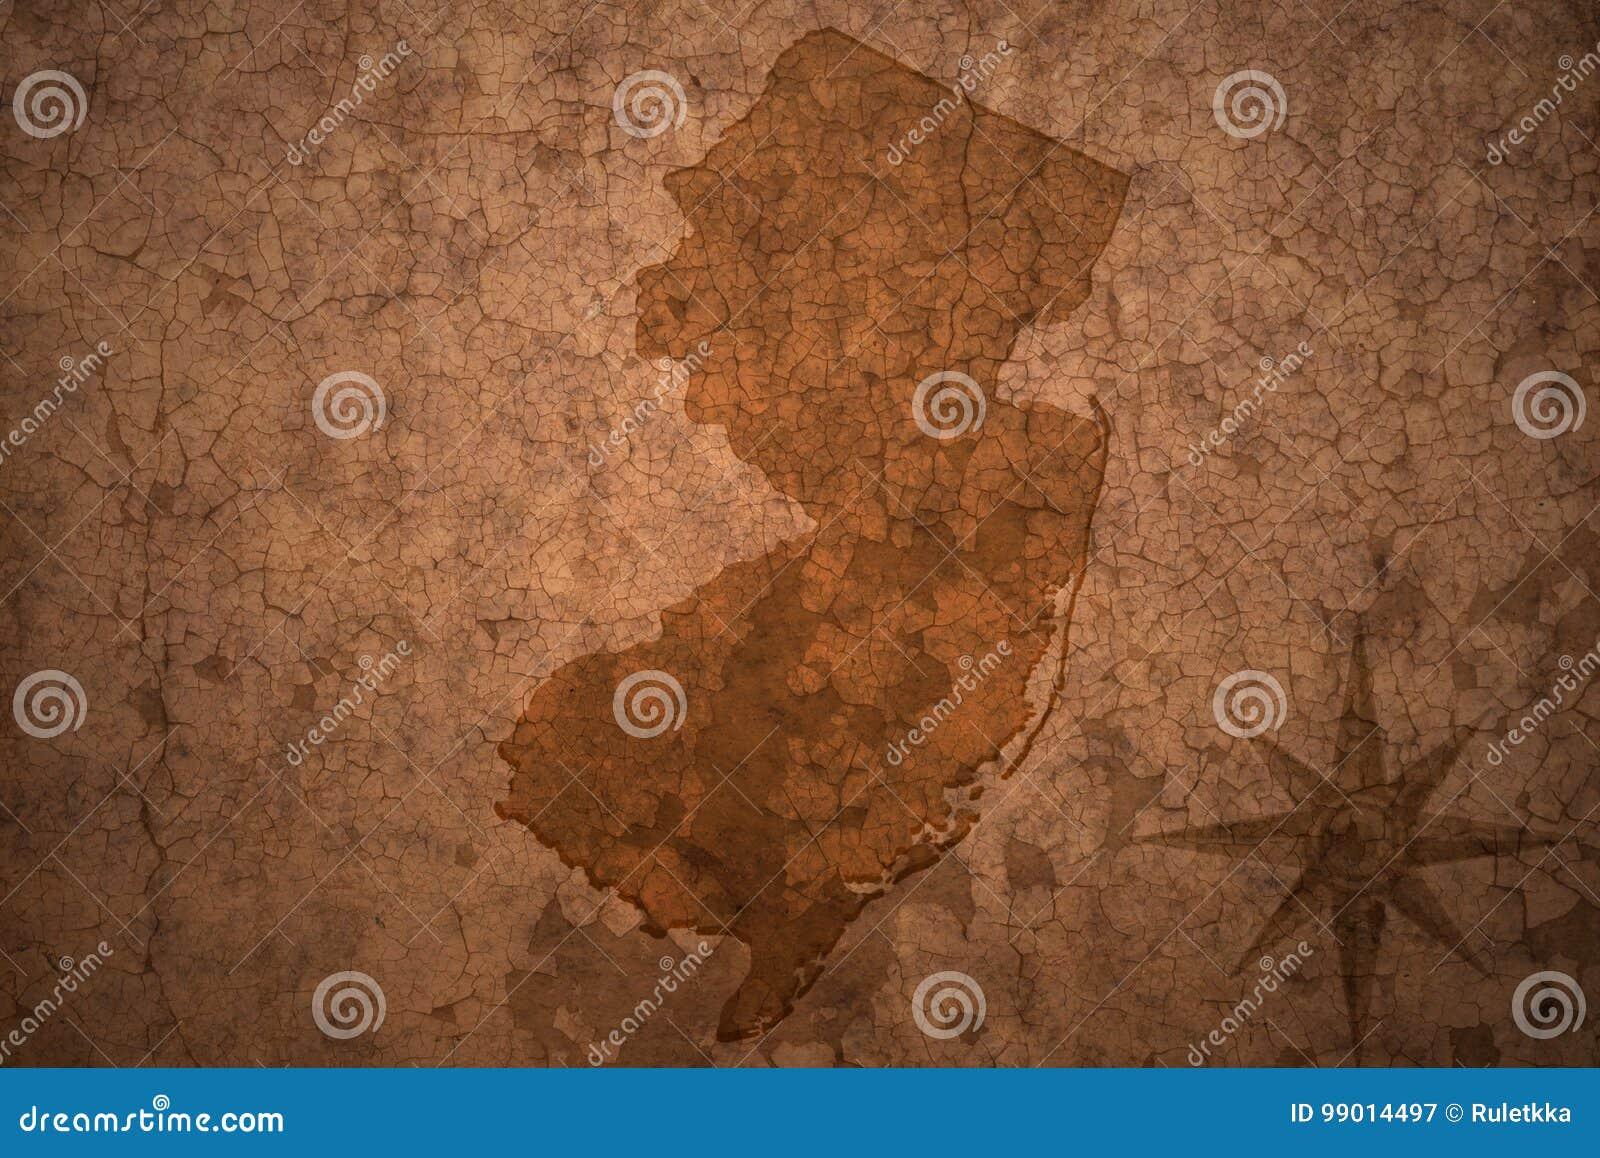 Mapa do estado de New-jersey em um fundo velho do papel do vintage